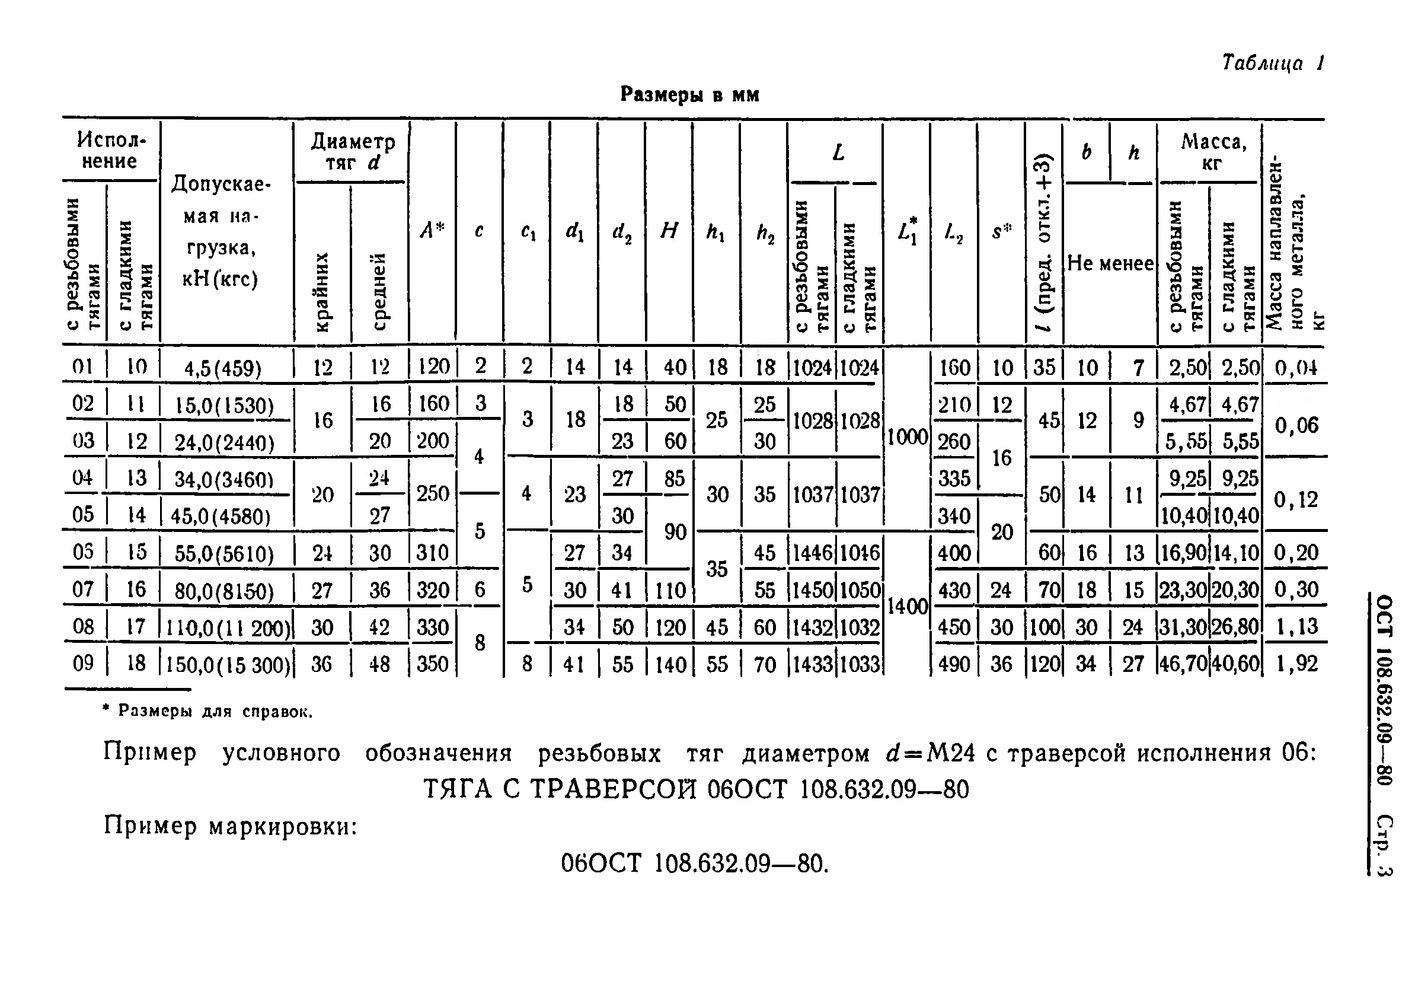 Тяги с траверсой ОСТ 108.632.09-80 стр.3